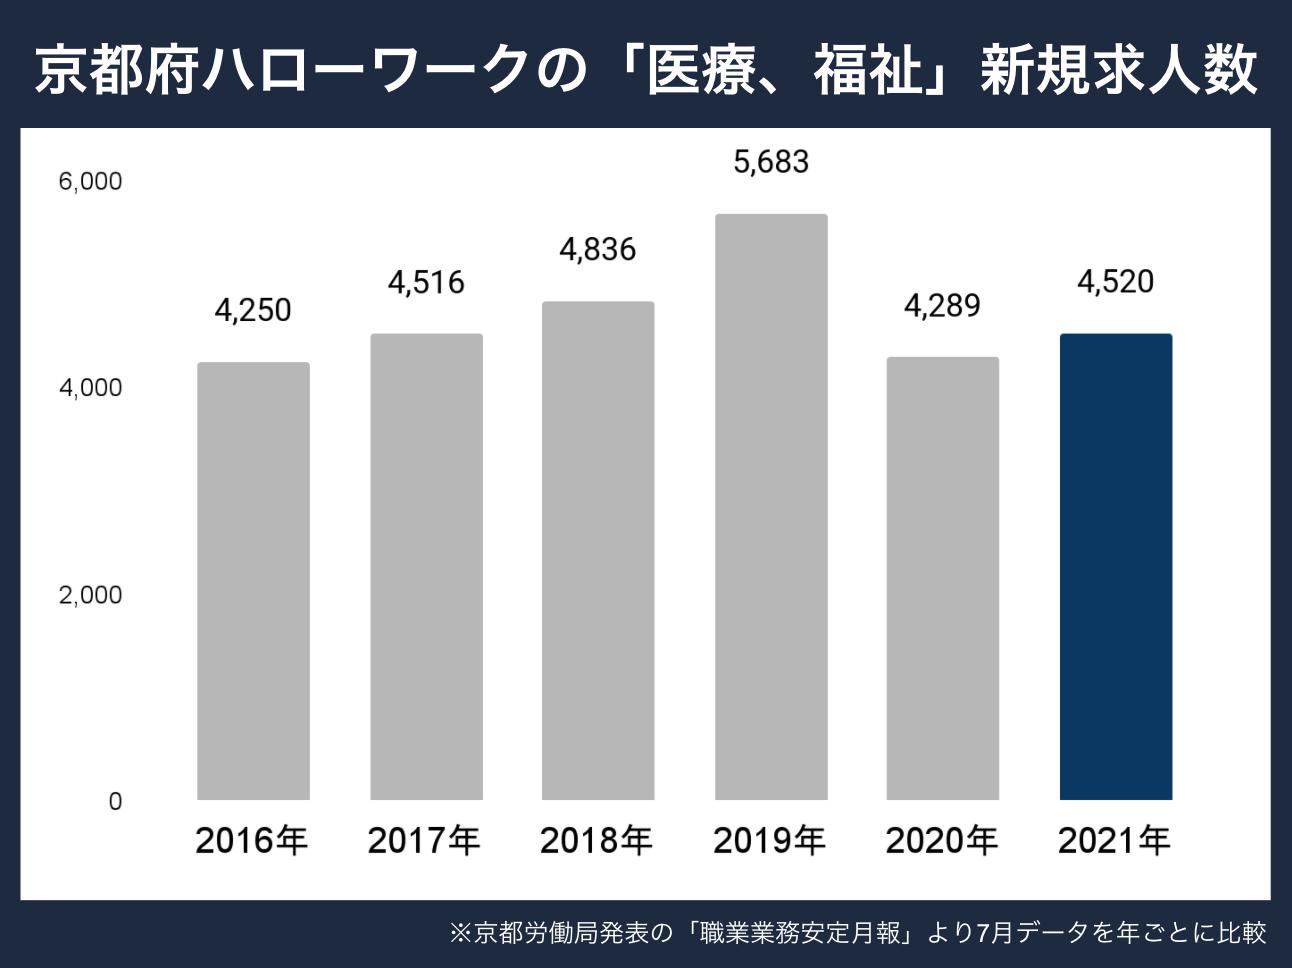 京都新規求人数